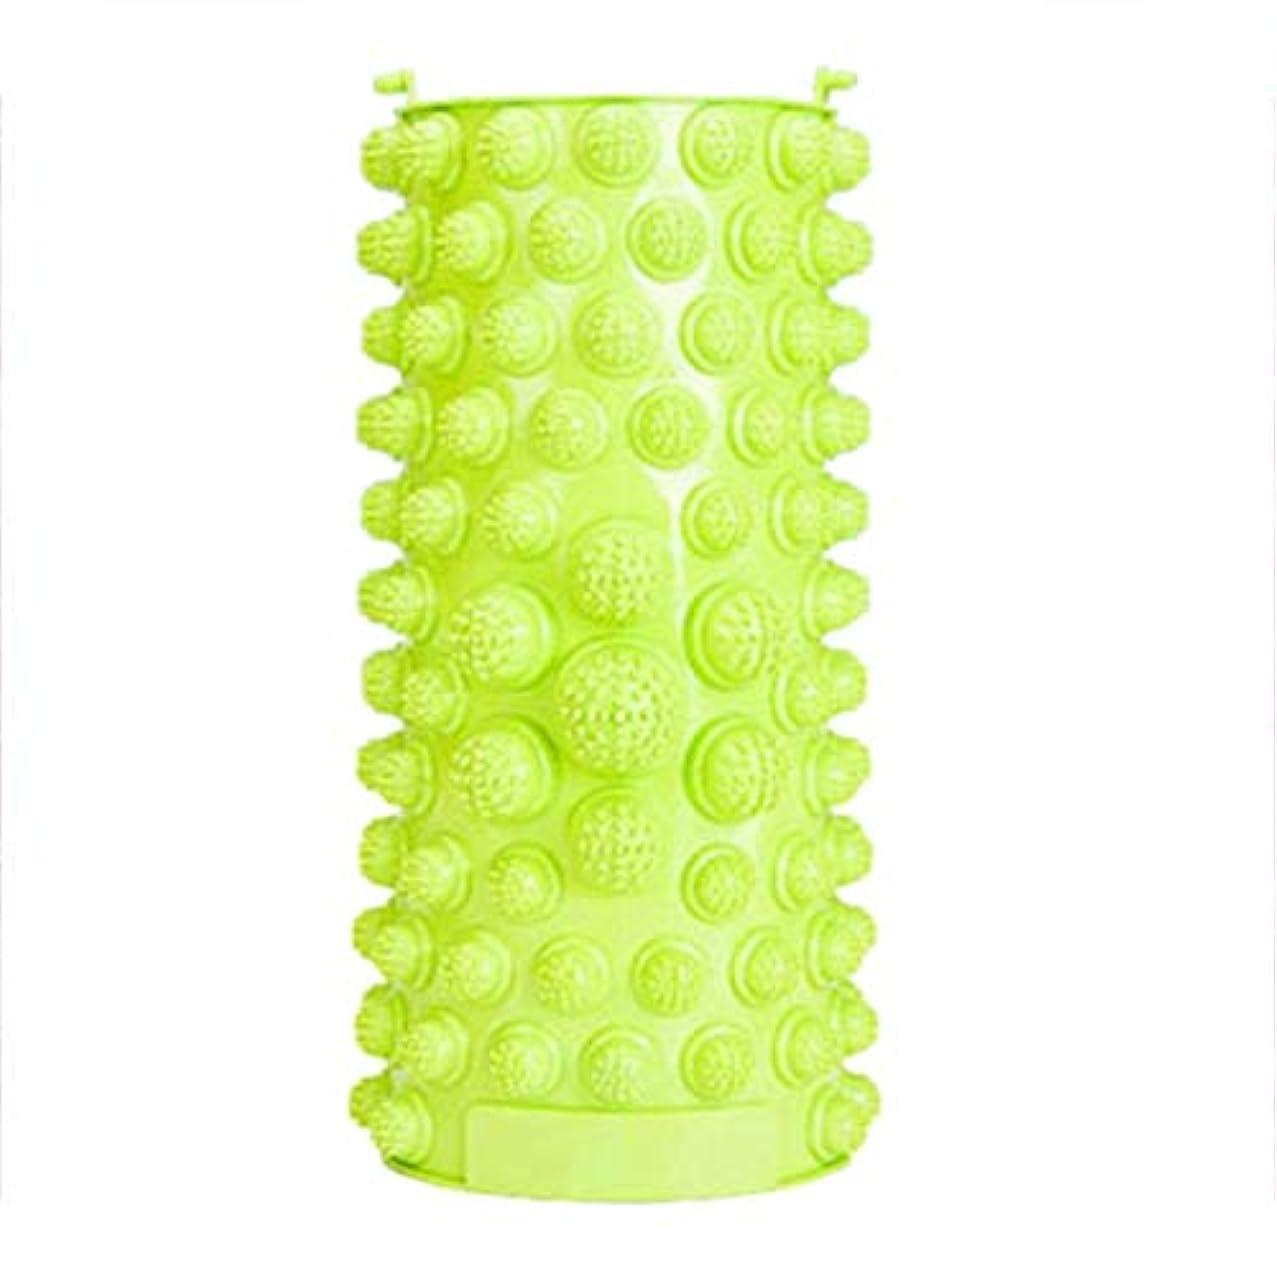 セッティング効能説明的バードランタンフットマッサージパッド痛みを緩和するウォークストーンマッサージマットマッスルスティミュレーターヘルスケア指圧療法リラクゼーショングリーン(緑)